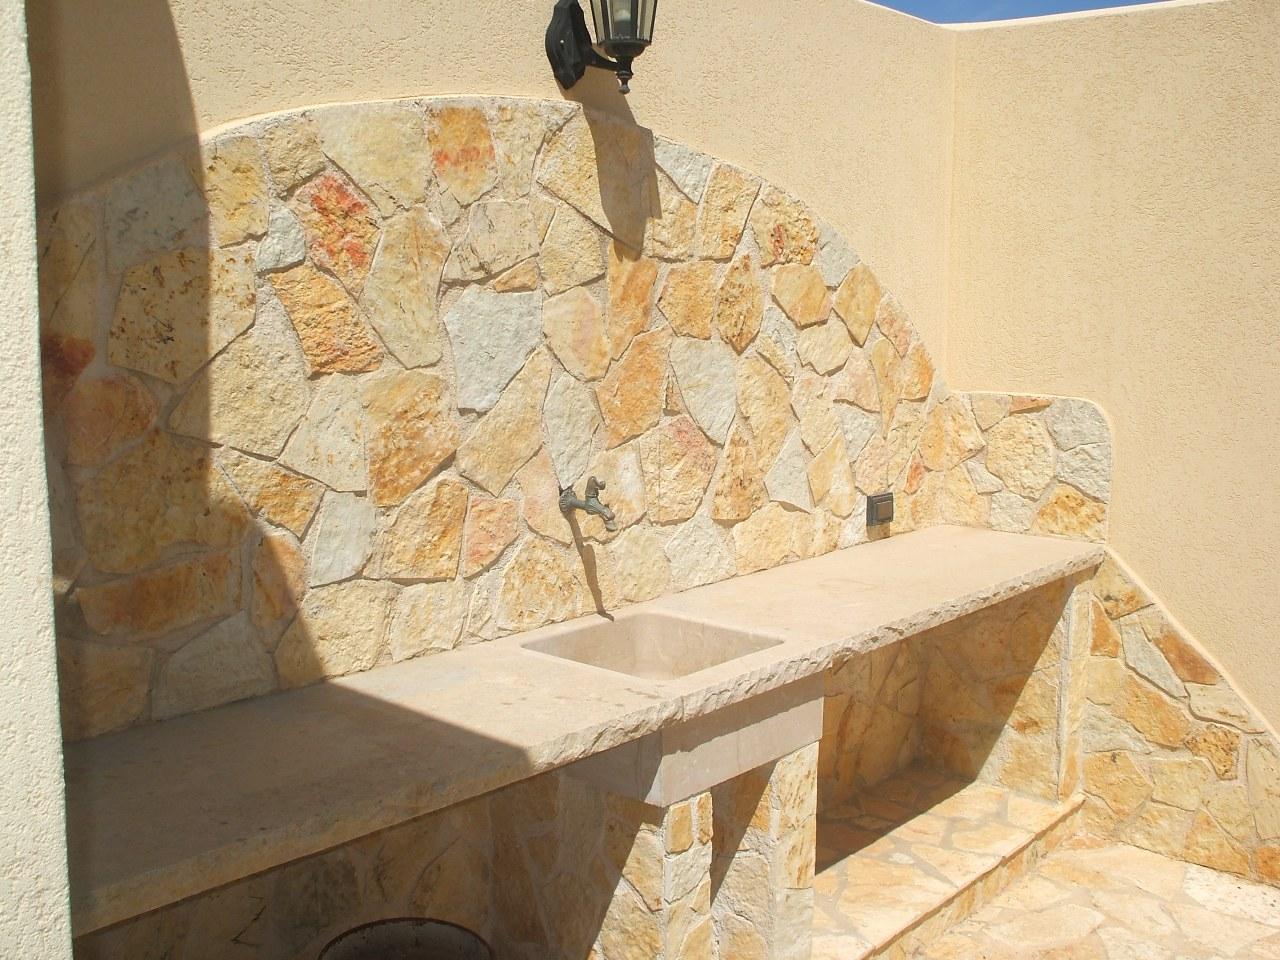 Foto di pietre per il rivestimento di muri esterni o interni - Piastrelle decorative per esterni ...